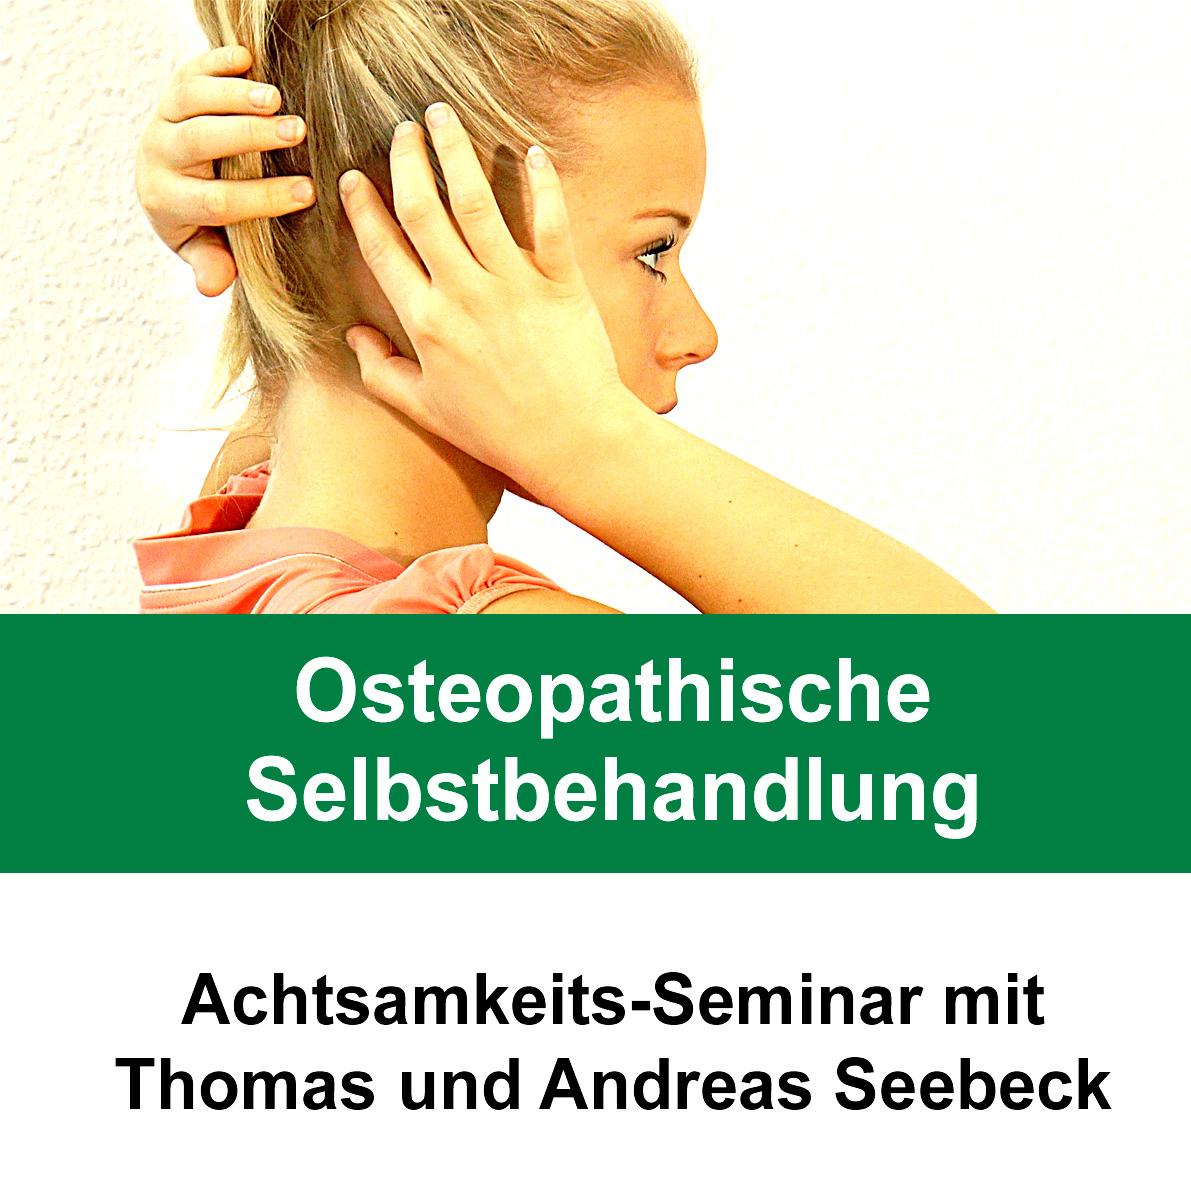 Seminar 'Achtsamkeit genießen' mit osteopathischer Selbstbehandlung 22.-24.04.2022